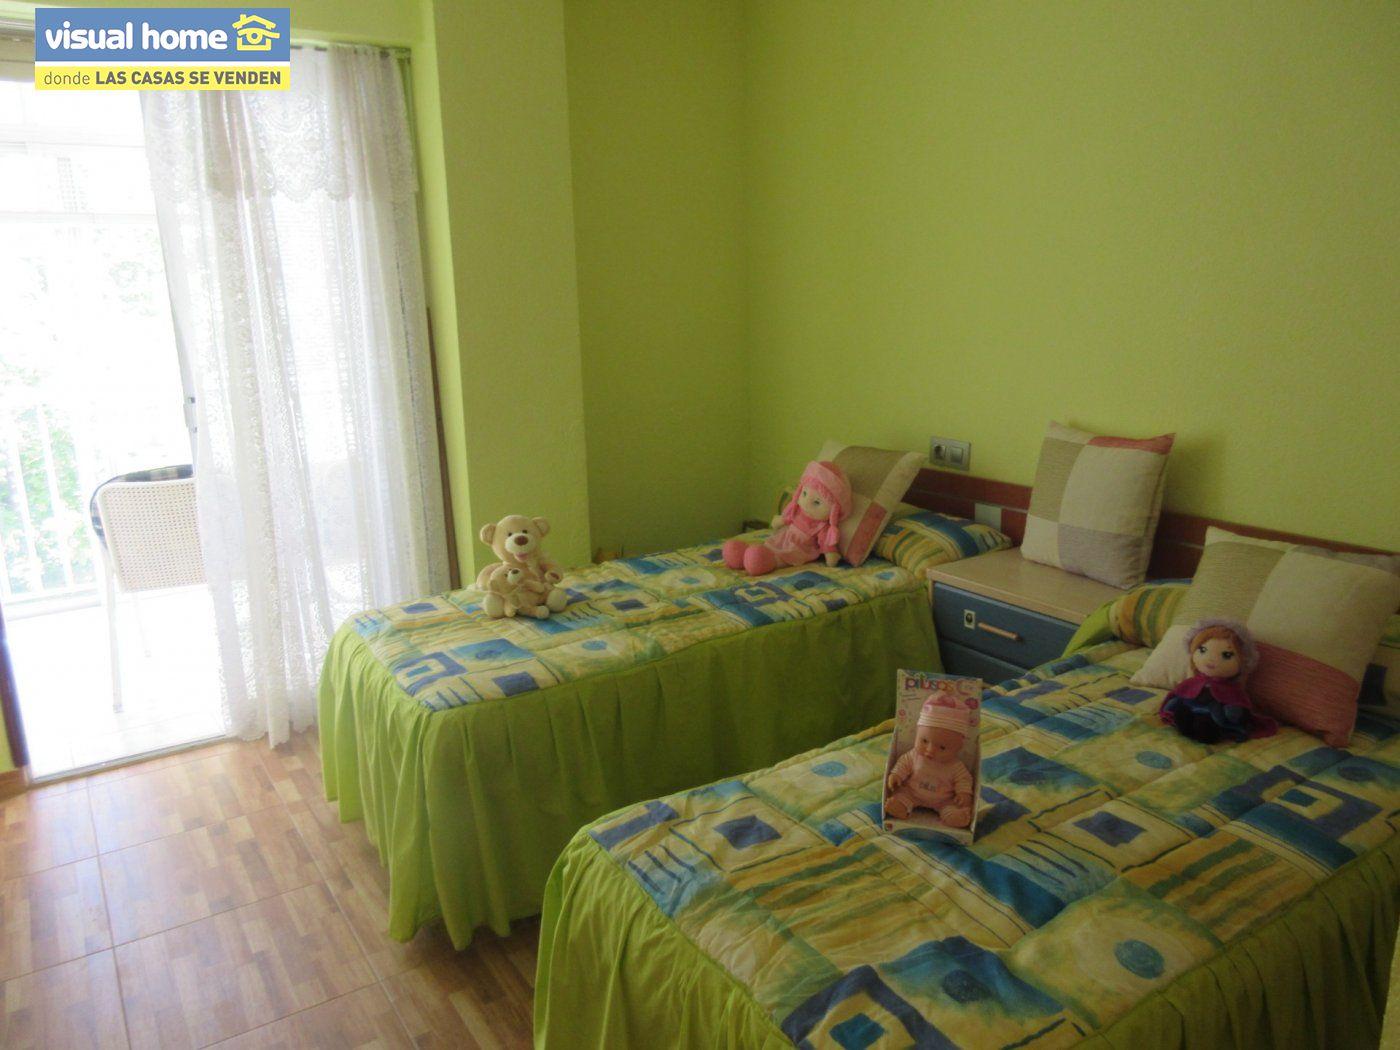 Apartamento todo exterior en Av/ Mediterráneo con garaje y piscina a 50 mts de la playa 13